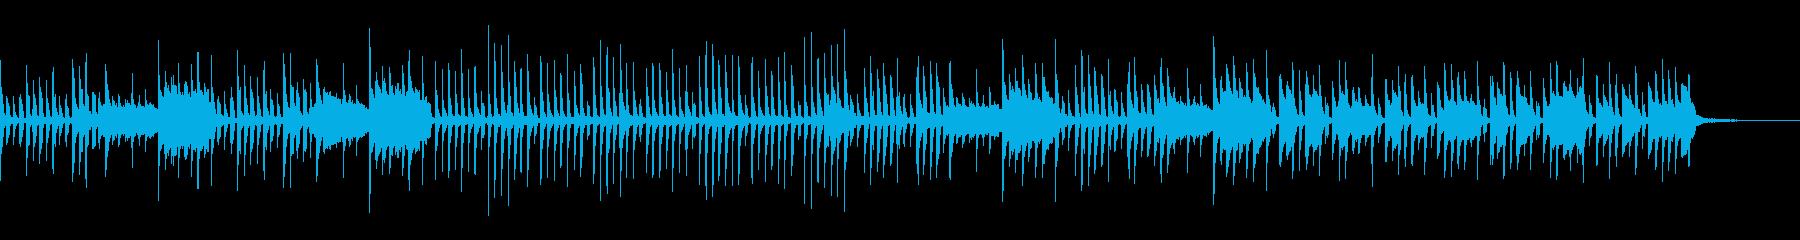 ゲームライクの牧歌的なアコースティックの再生済みの波形